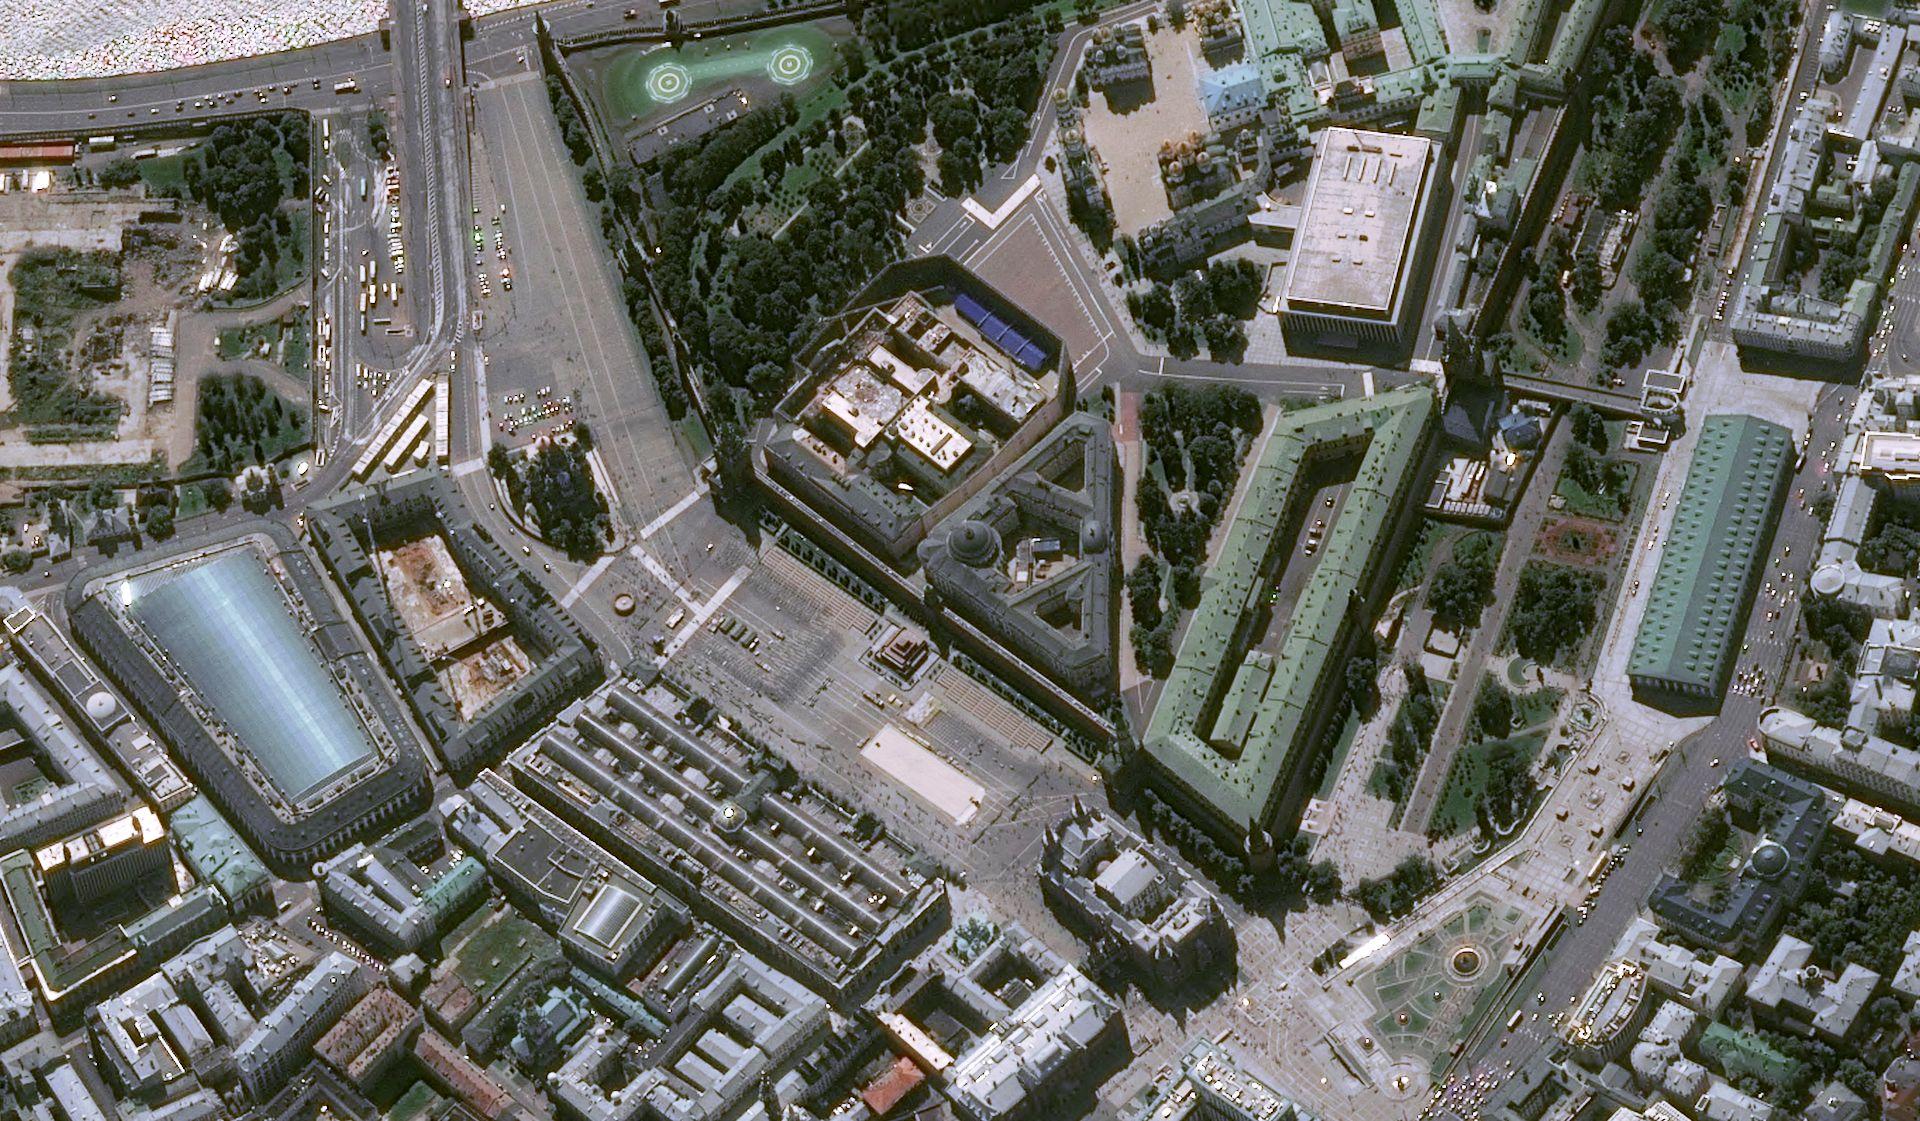 Russie - Moscou - Kremlin - Place rouge - Cathédrale St Basil - GUM - Vladimir Poutine - Pleiades - Pléiades - satellite